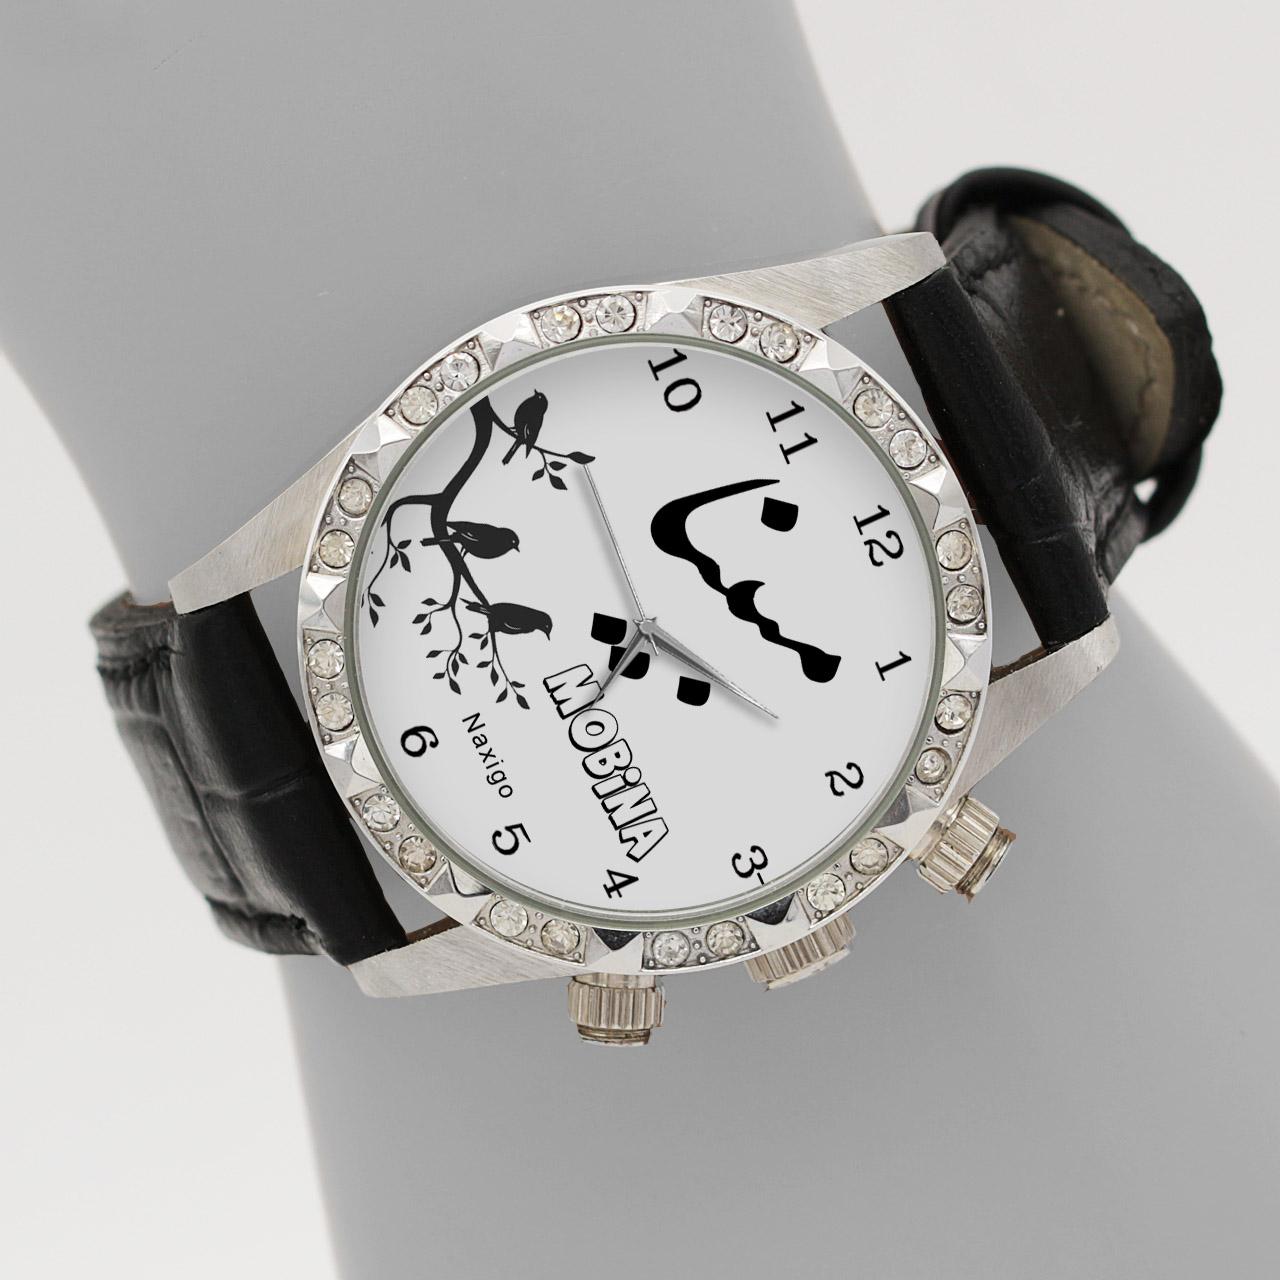 خرید و قیمت                      ساعت مچی  زنانه ناکسیگو طرح مبینا کد LS3770